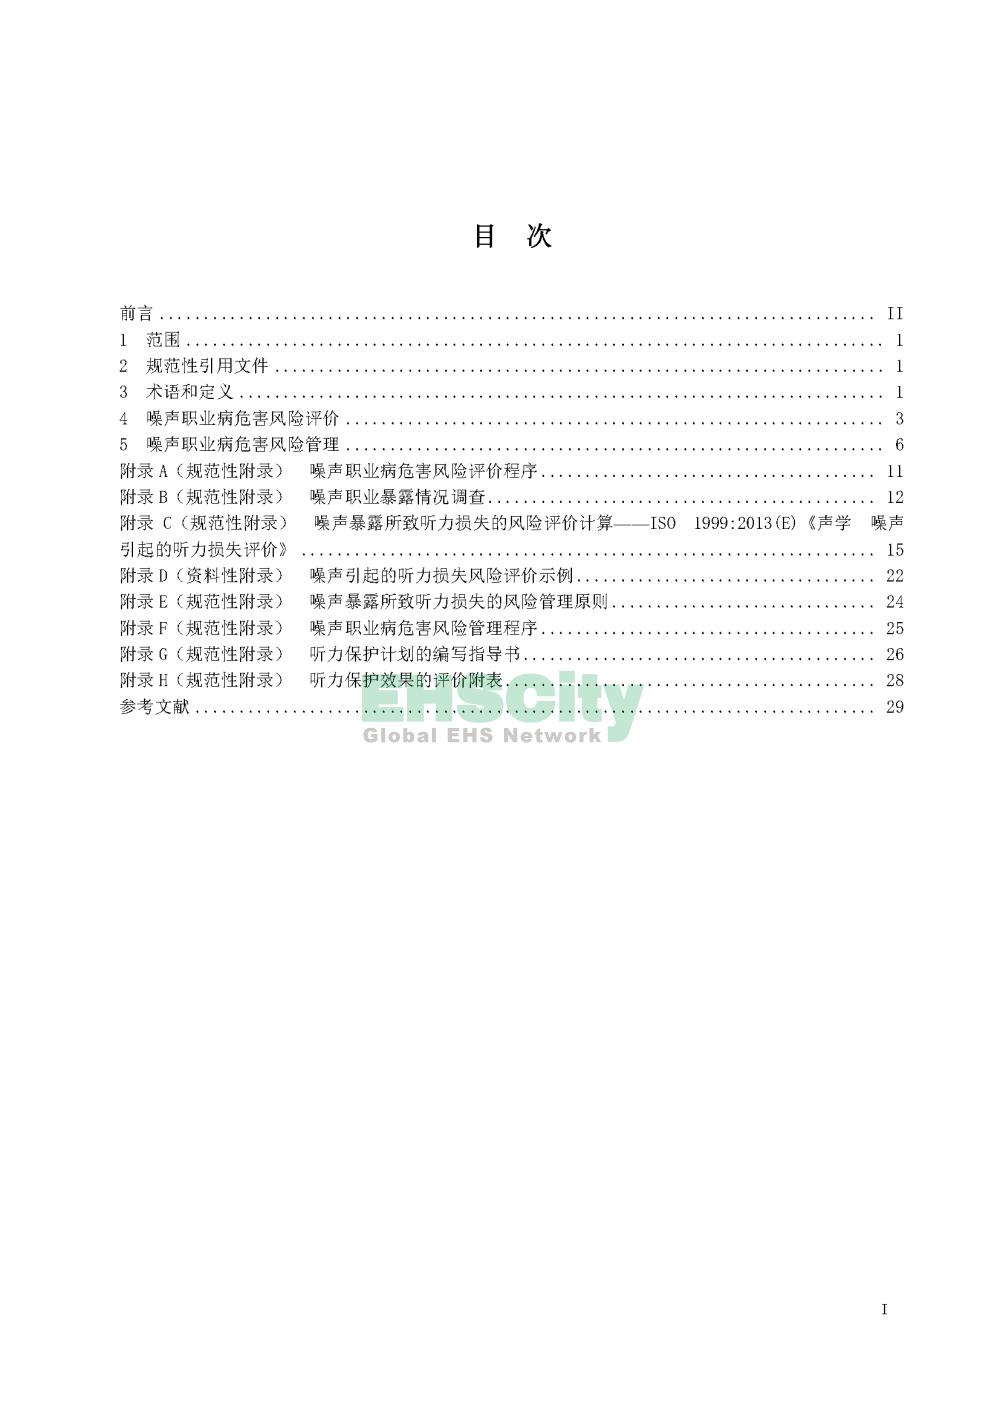 噪声职业病危害风险管理指南_页面_02